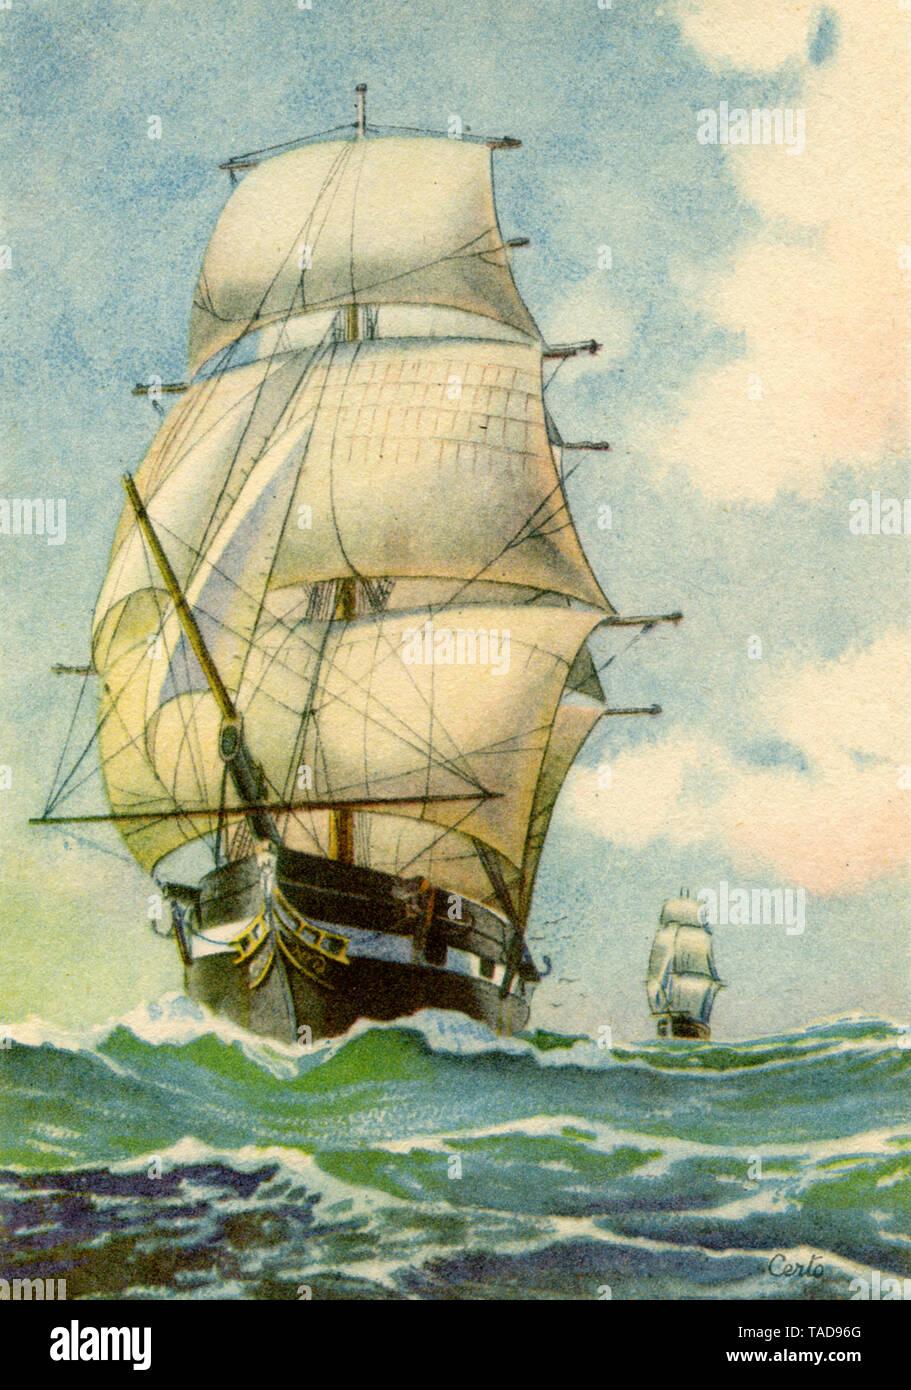 Sailboats on the high seas , Certo (postcard, ) - Stock Image